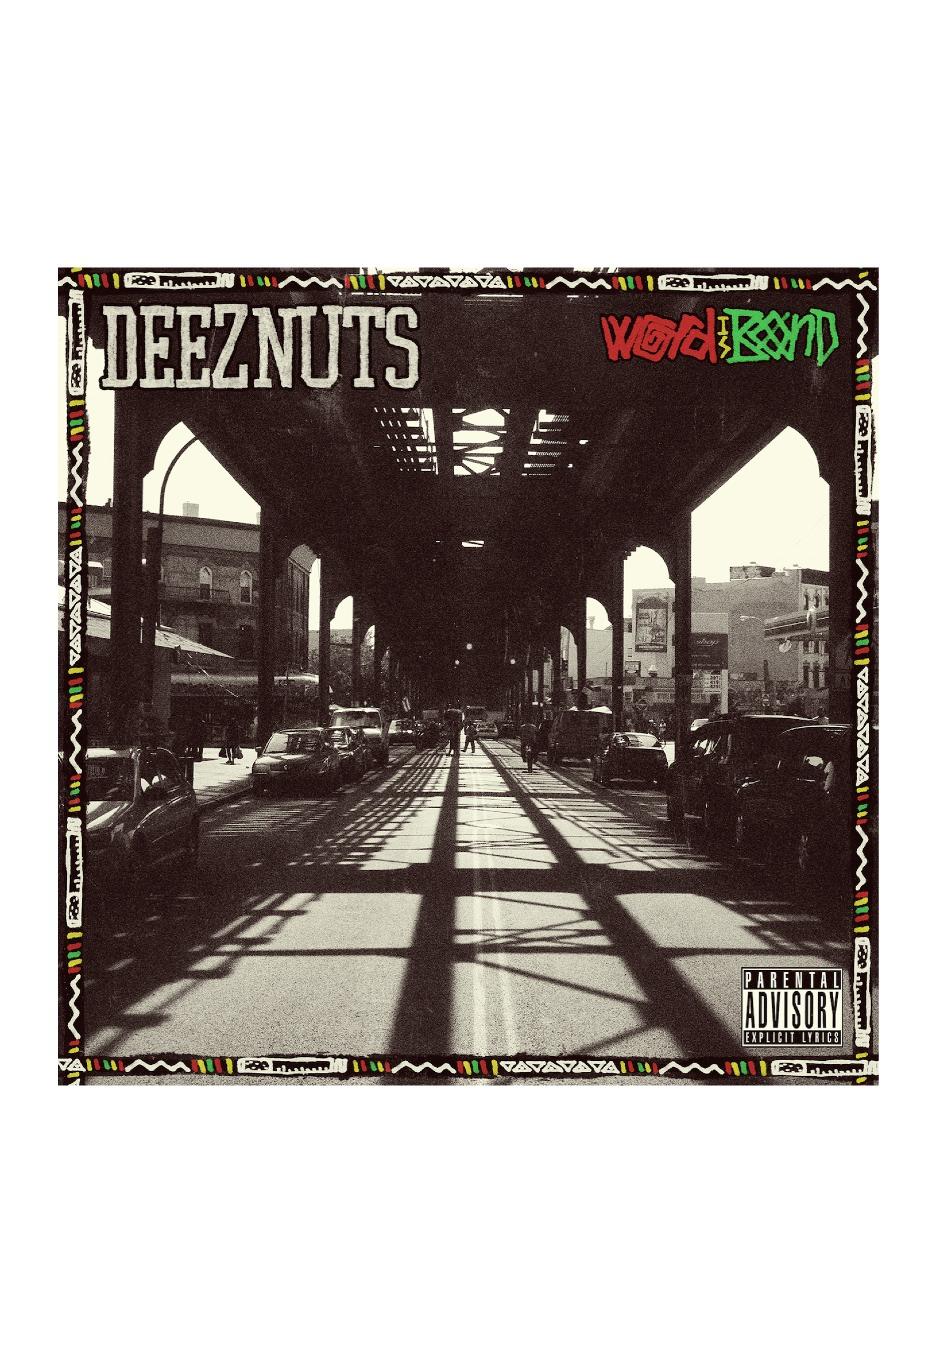 Deez Nuts - Word Is Bond - CD